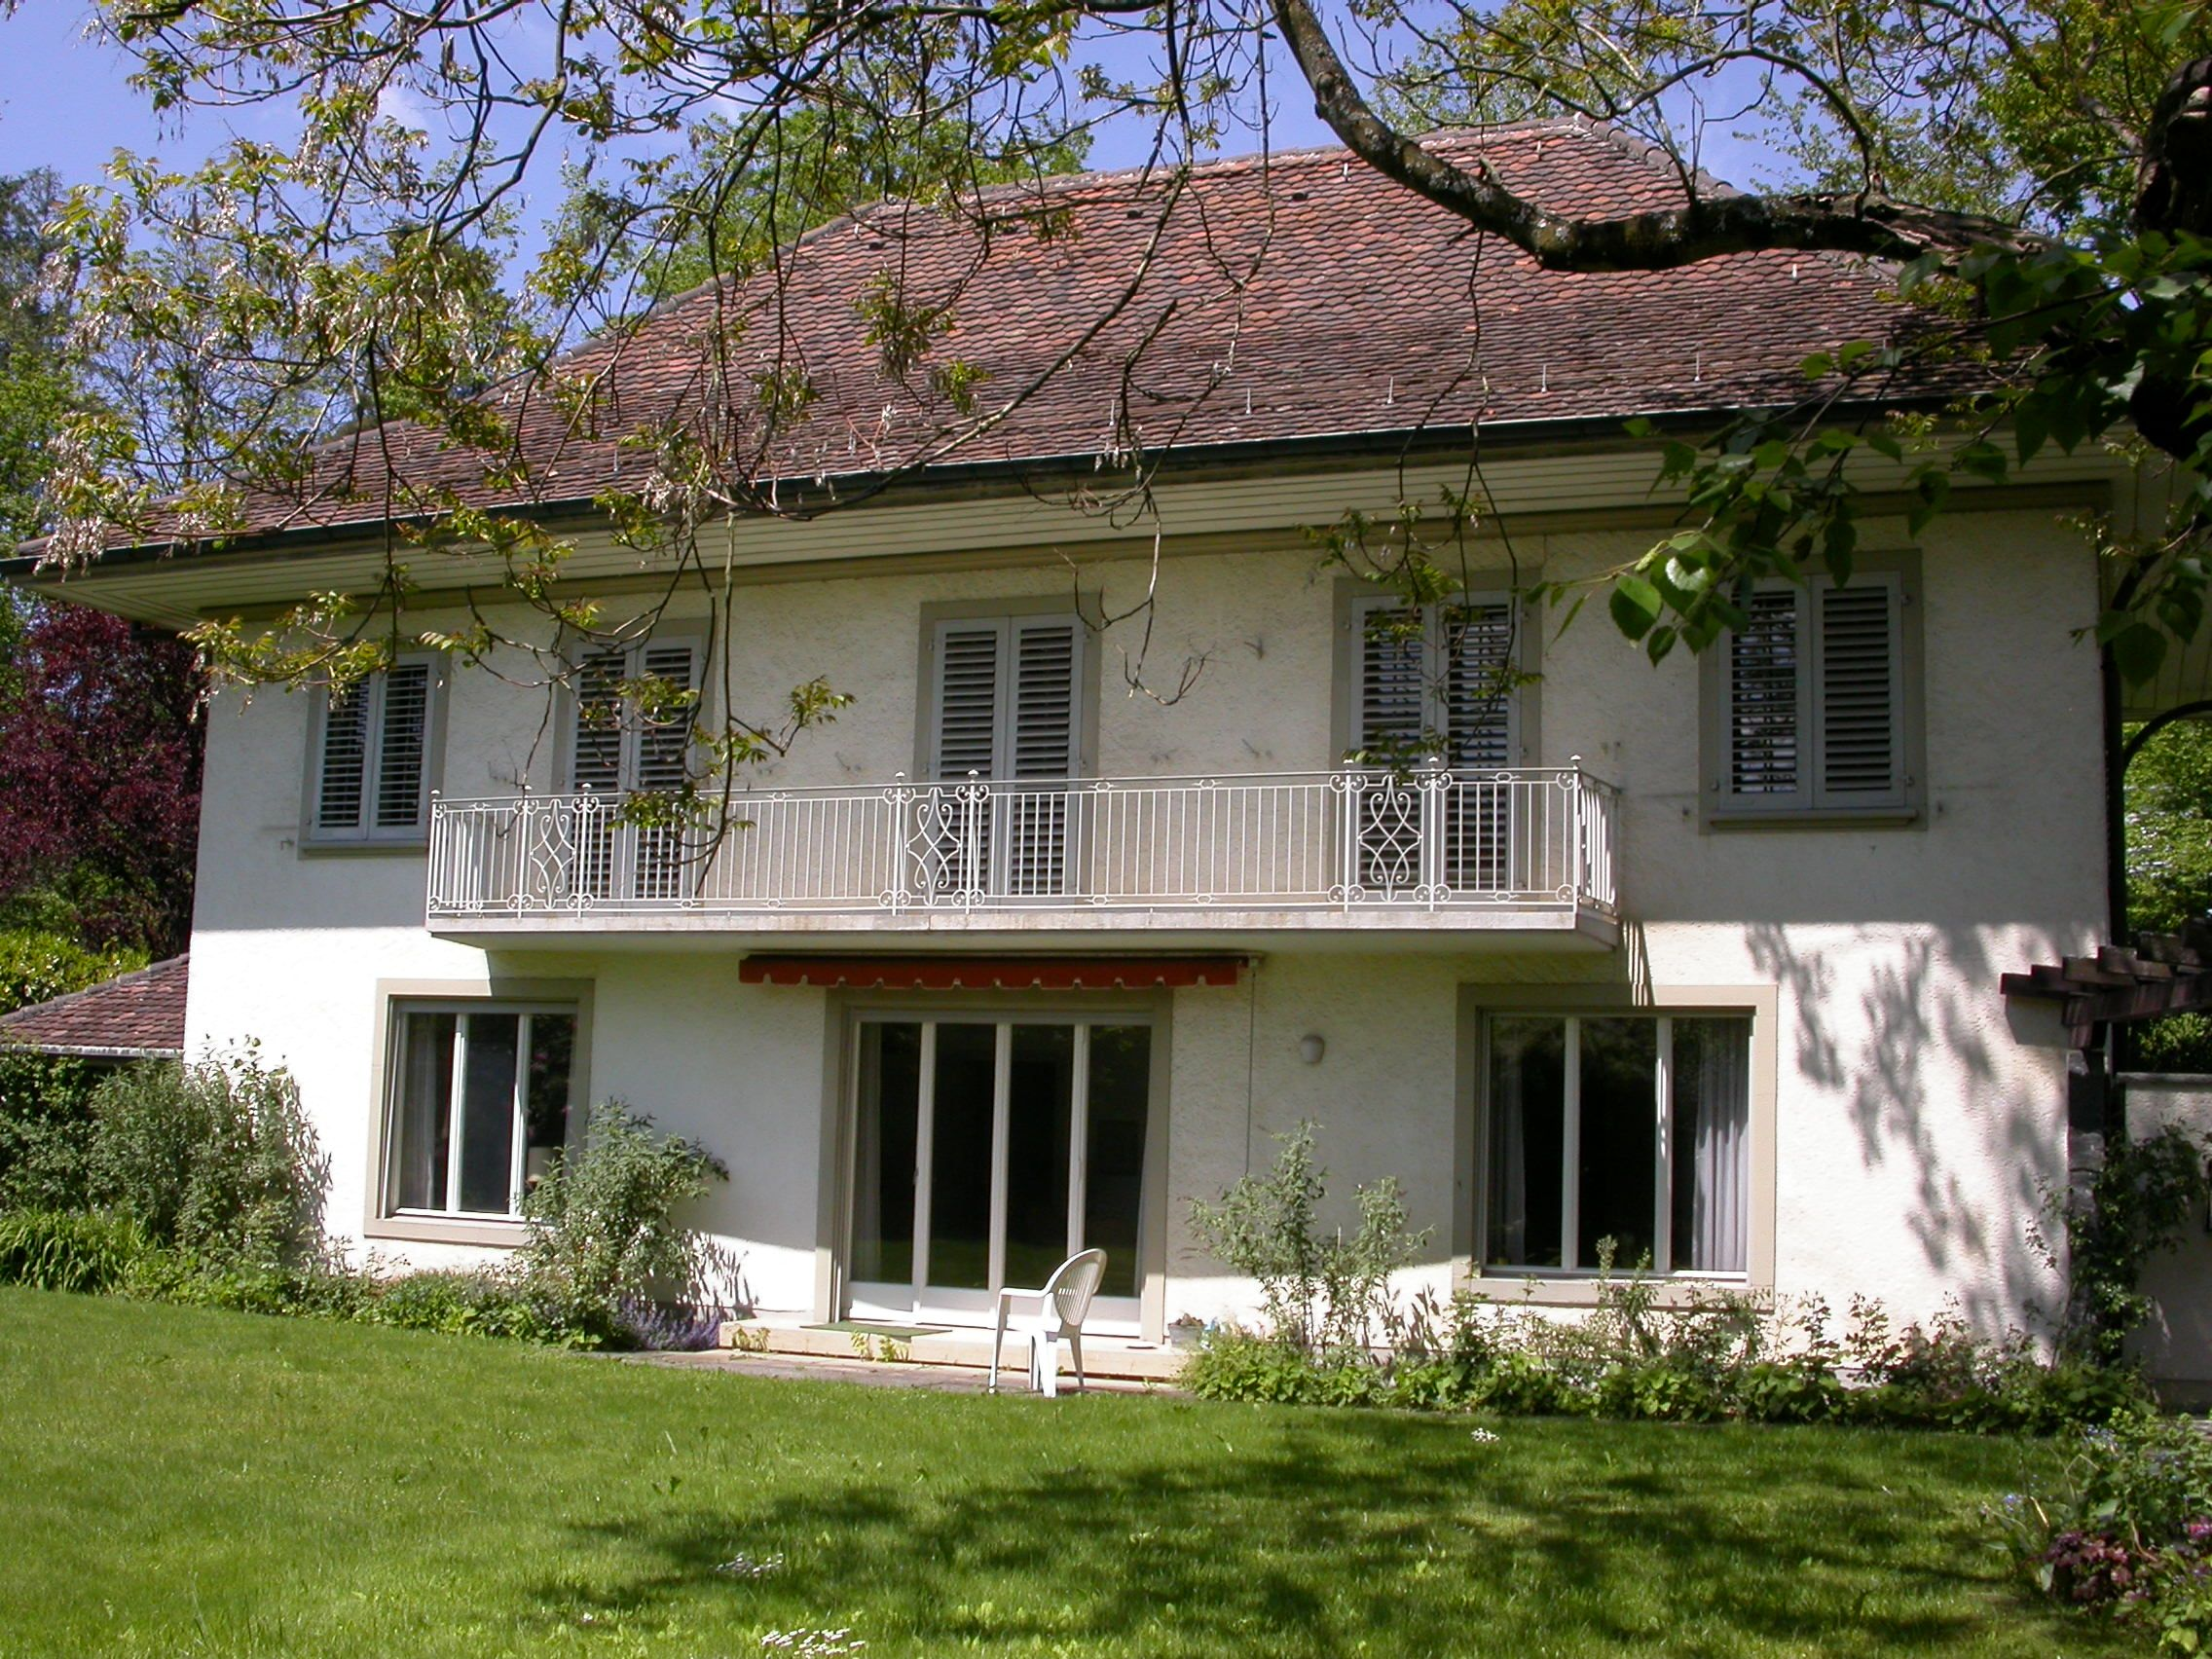 modernes haus kaufen schweiz House styles, Outdoor decor